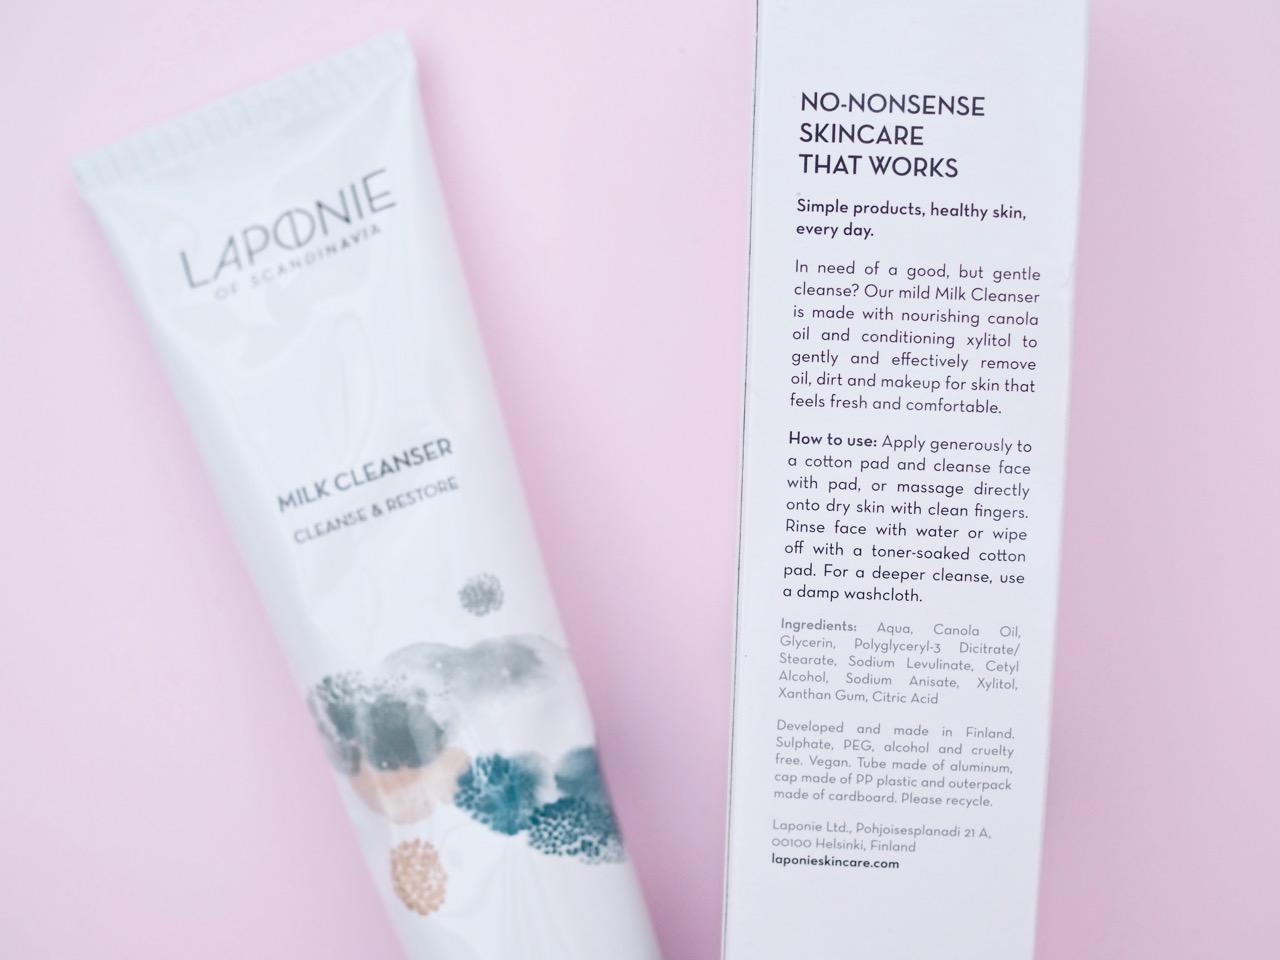 Laponie of Scandinavia ihonpuhdistus tuotteet kokemuksia Virve Fredman Ostolakossa